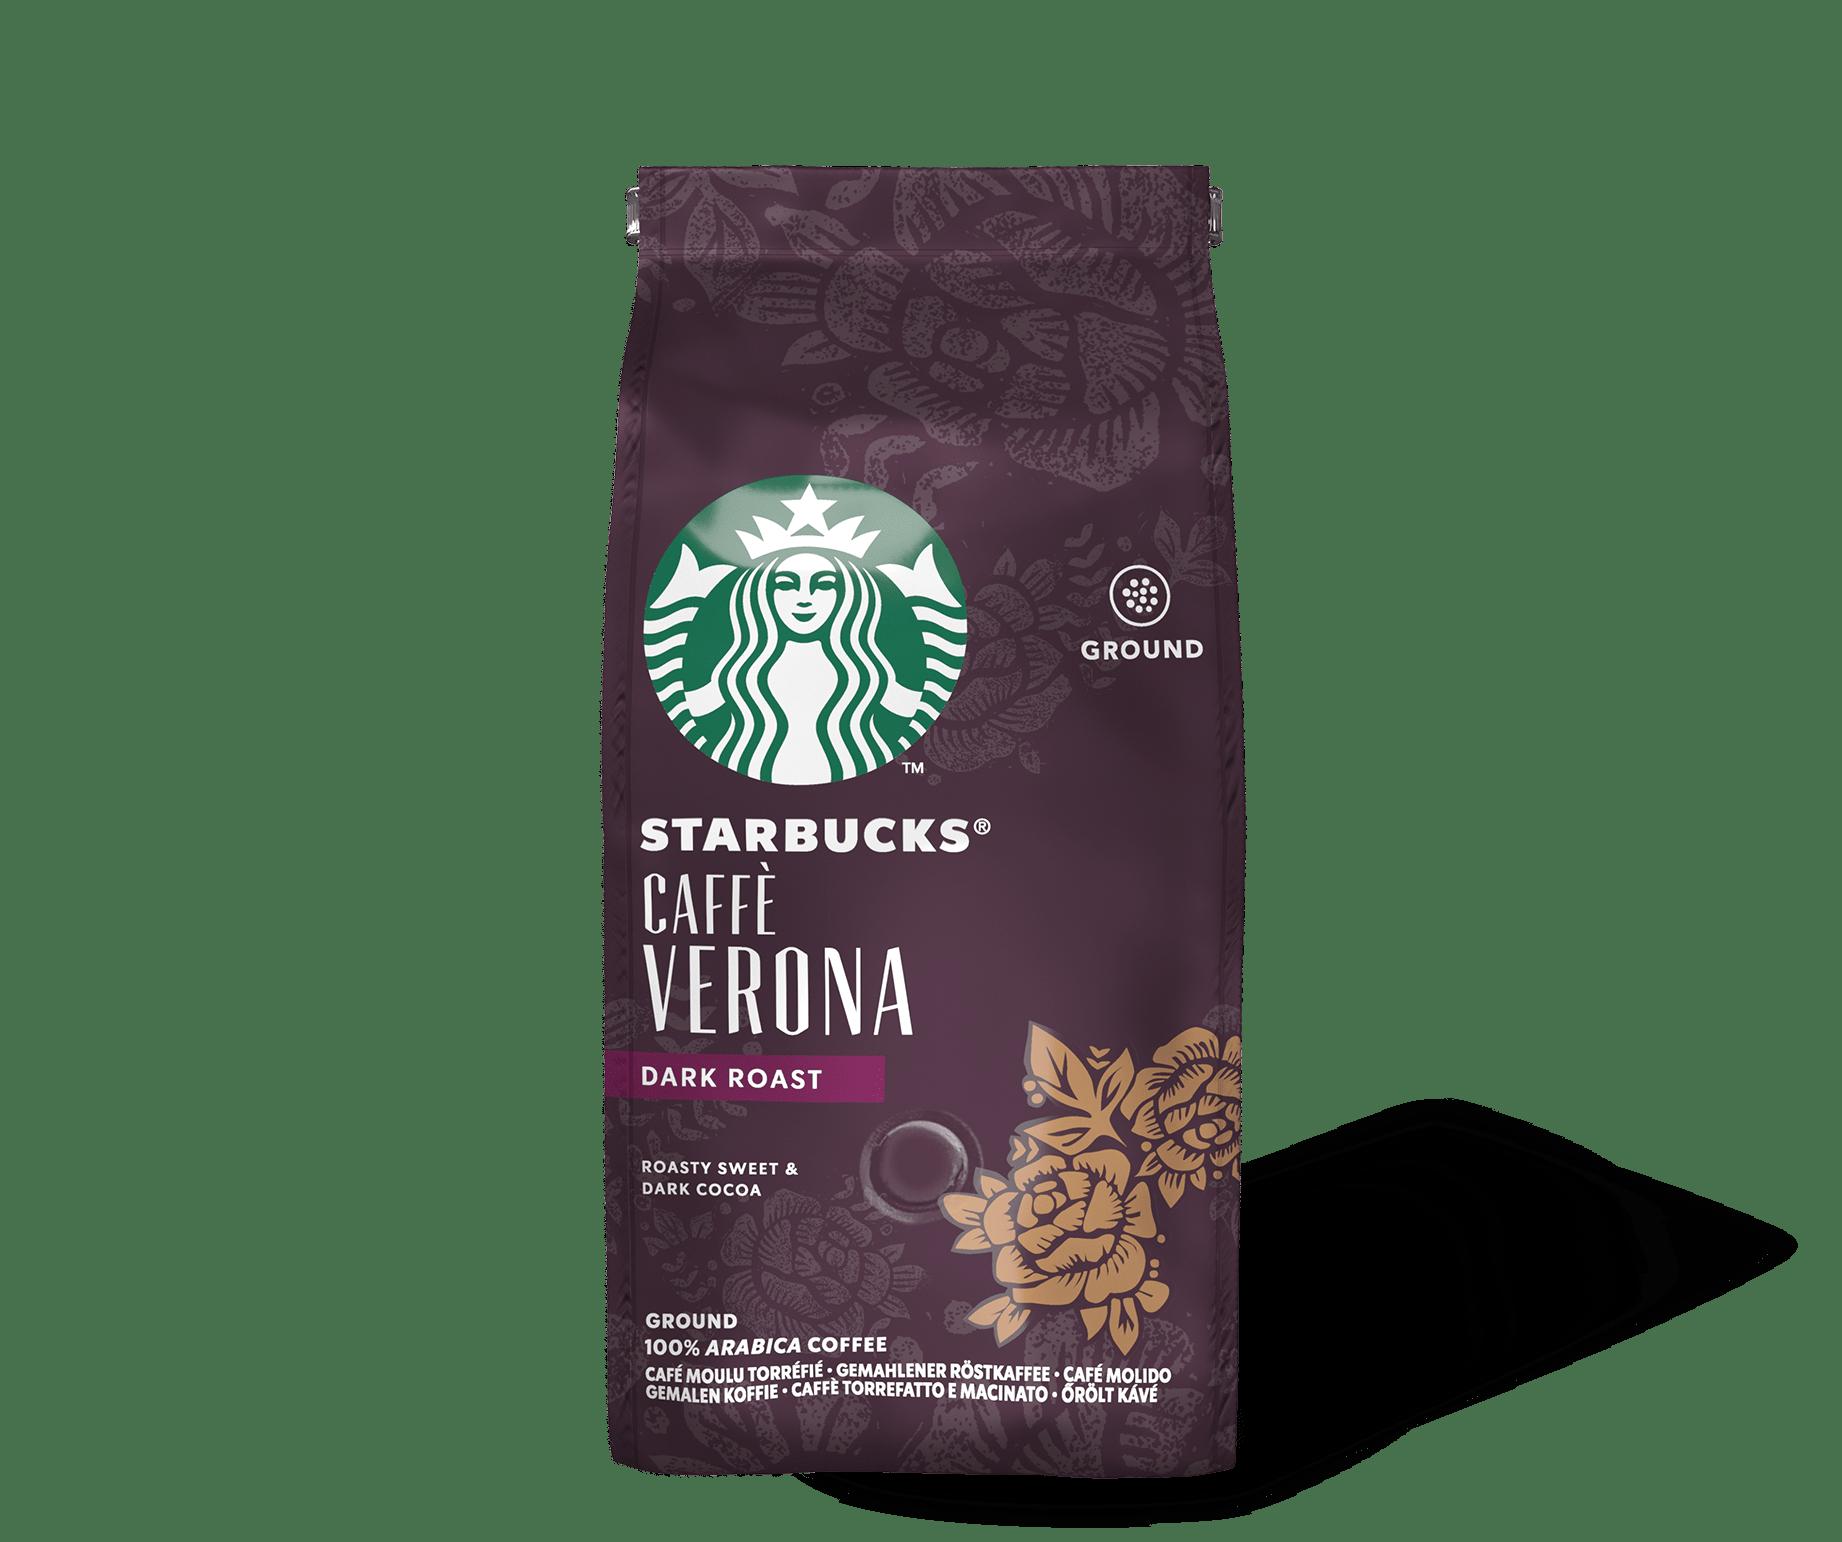 Caffé Verona™